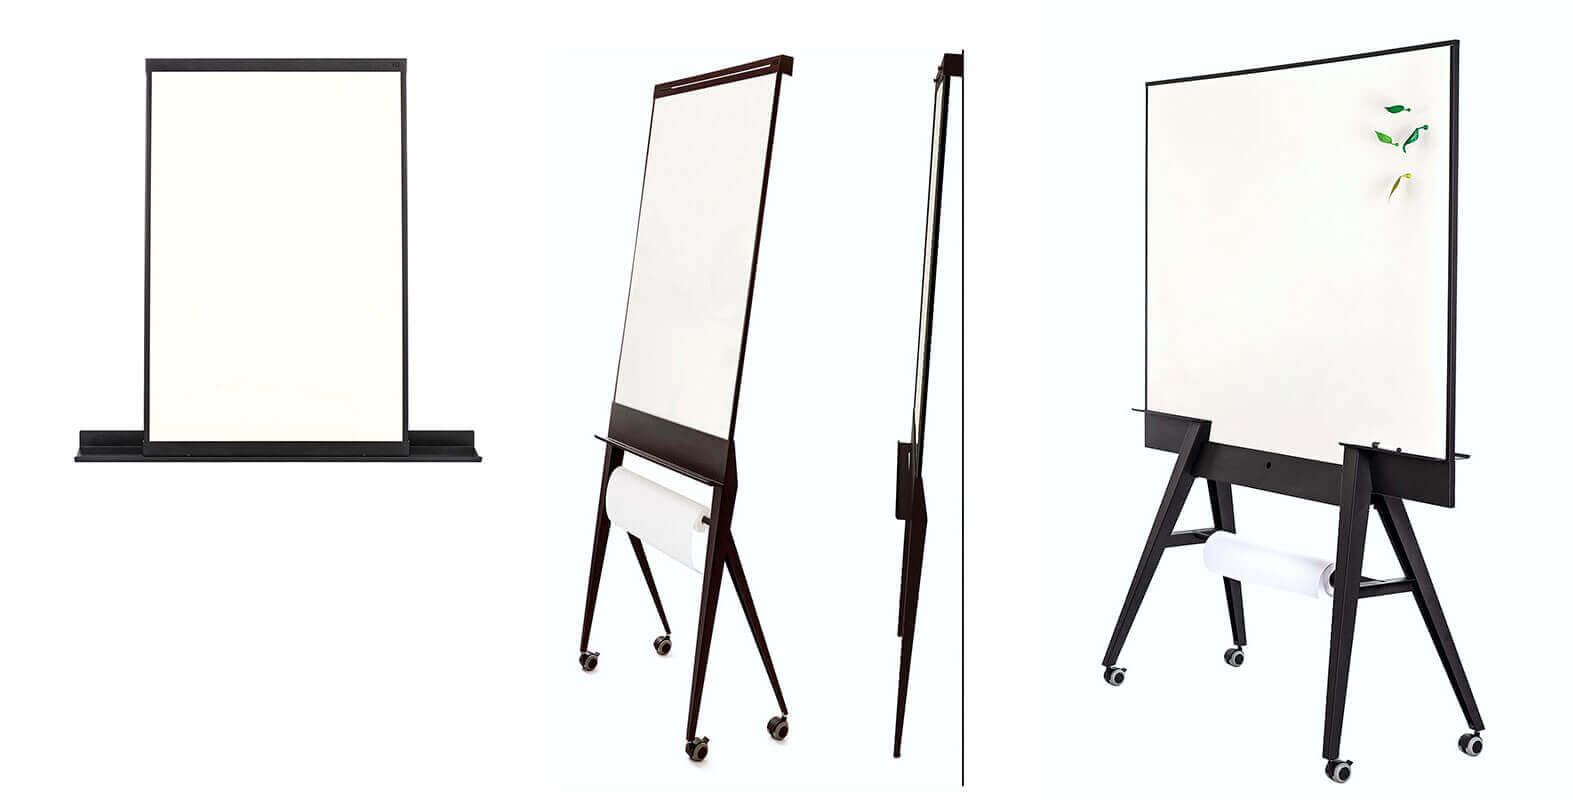 StudioVIX design whiteboards, flip-chart, mobile & stylefull